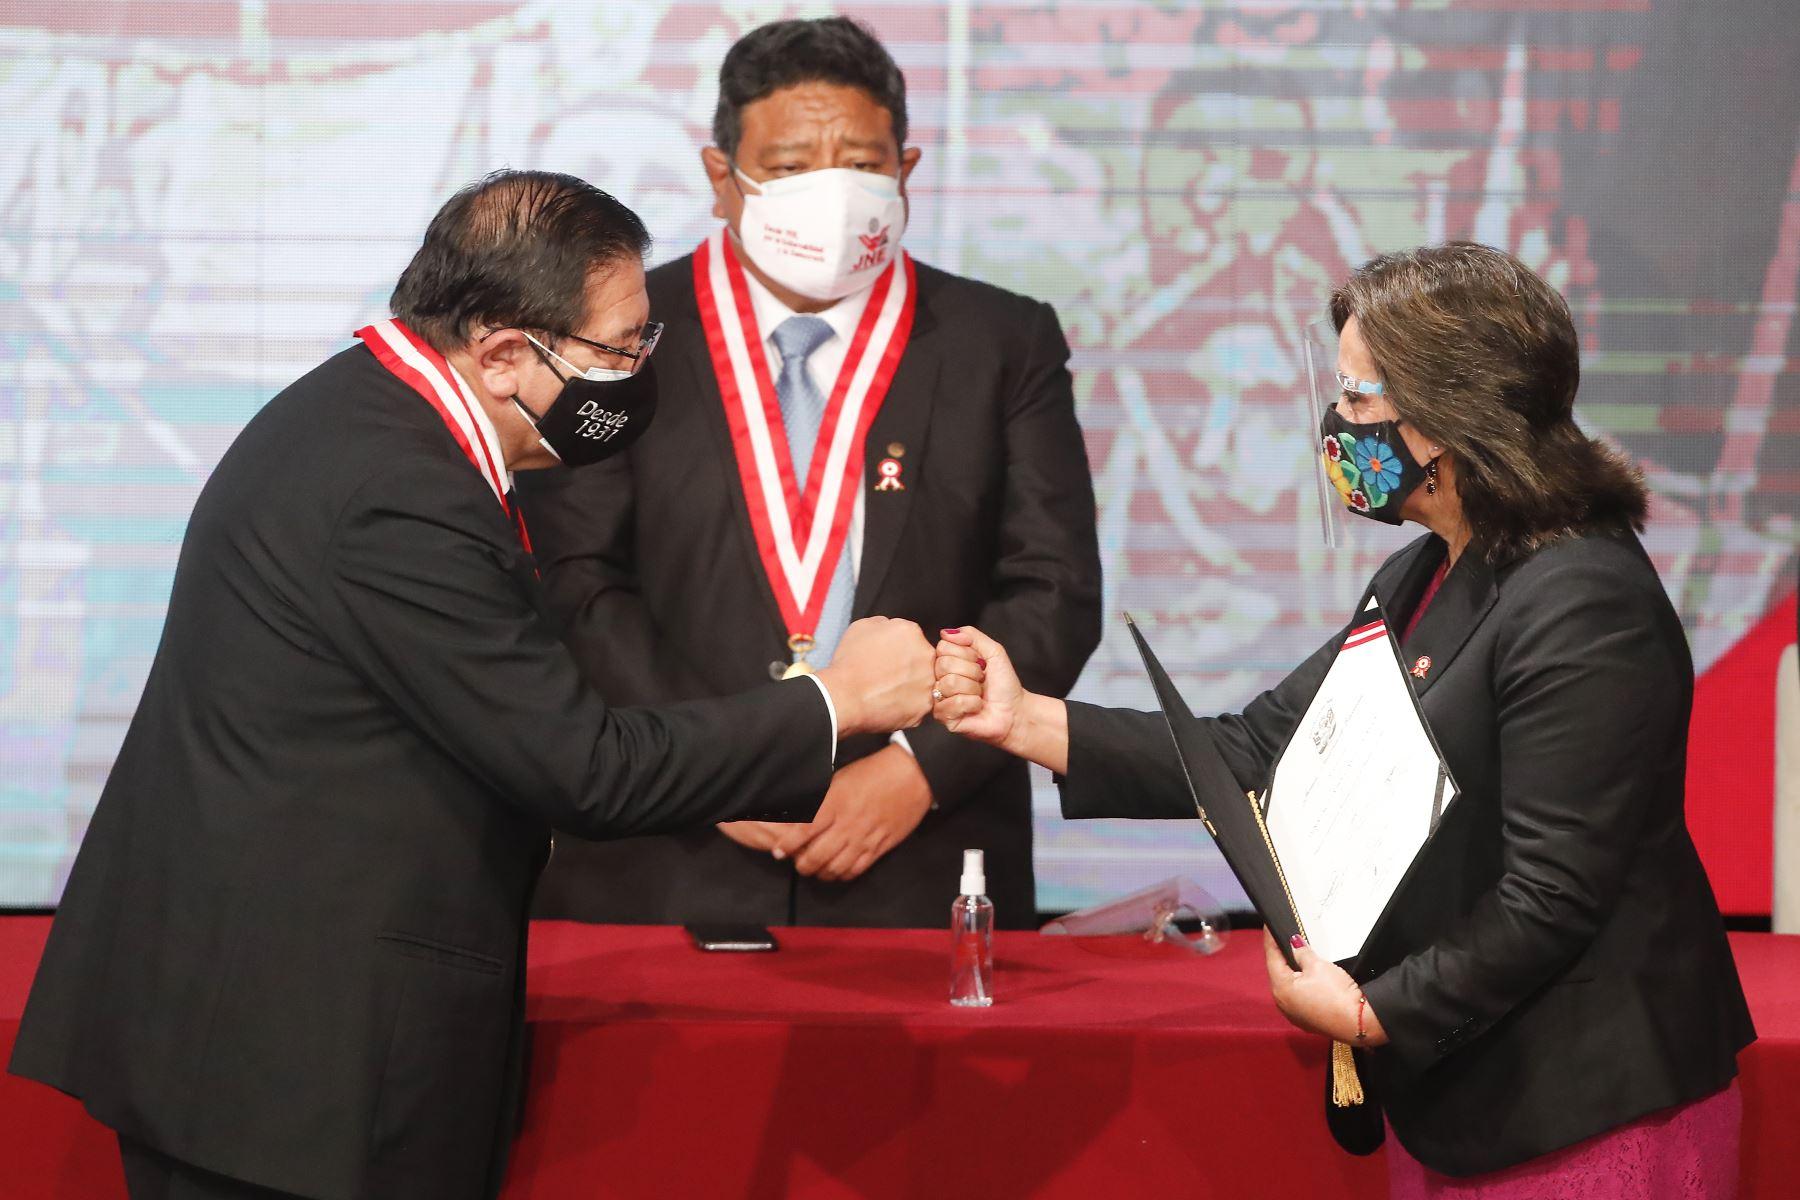 Dina Boluarte recibe credencial como primera vicepresidenta electa de la República del Perú para el periodo 2021-2026. Foto: ANDINA/Juan Carlos Guzmán